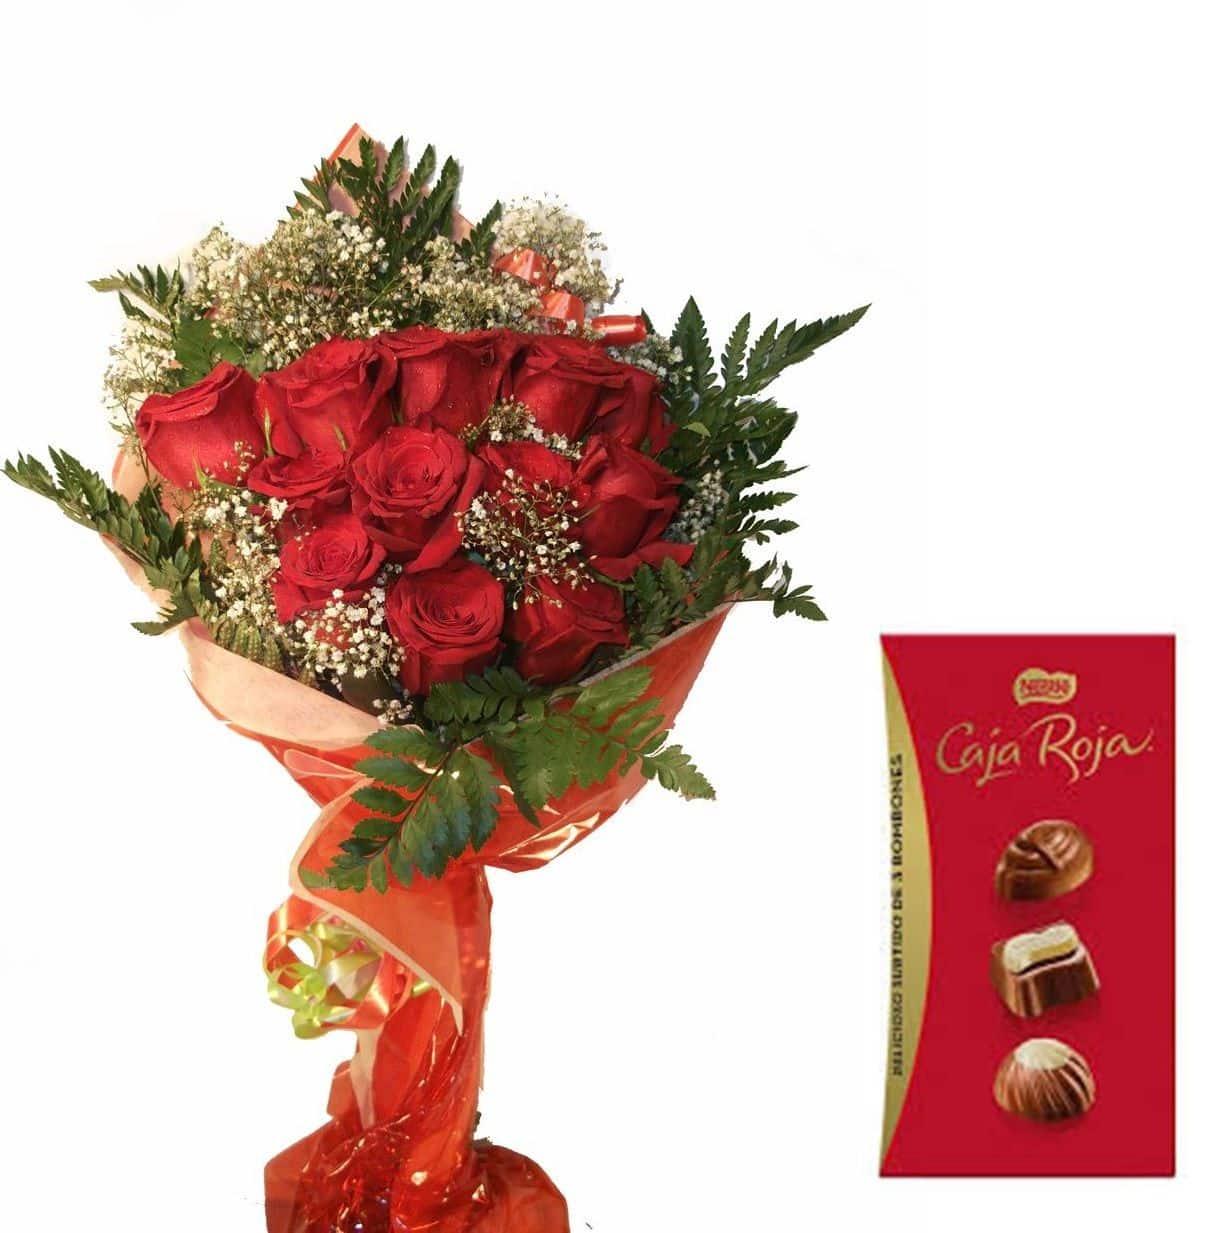 Envio de ramo de doce rosas a domiiclio con bombones